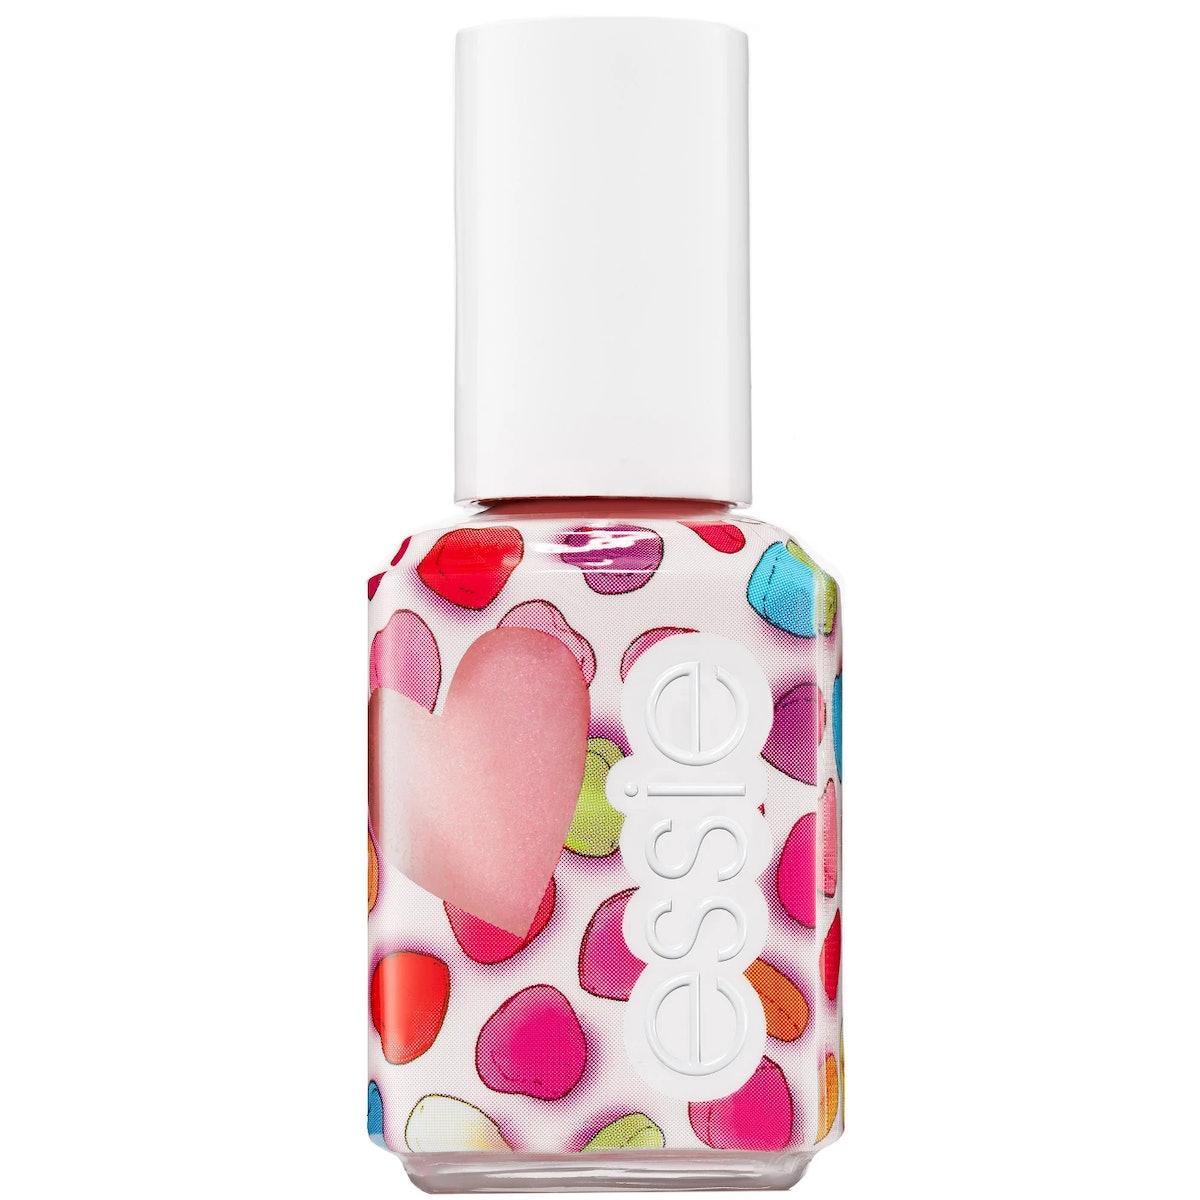 Essie Valentine's Day Nail Polish - 0.46 fl oz - Crush & Blush